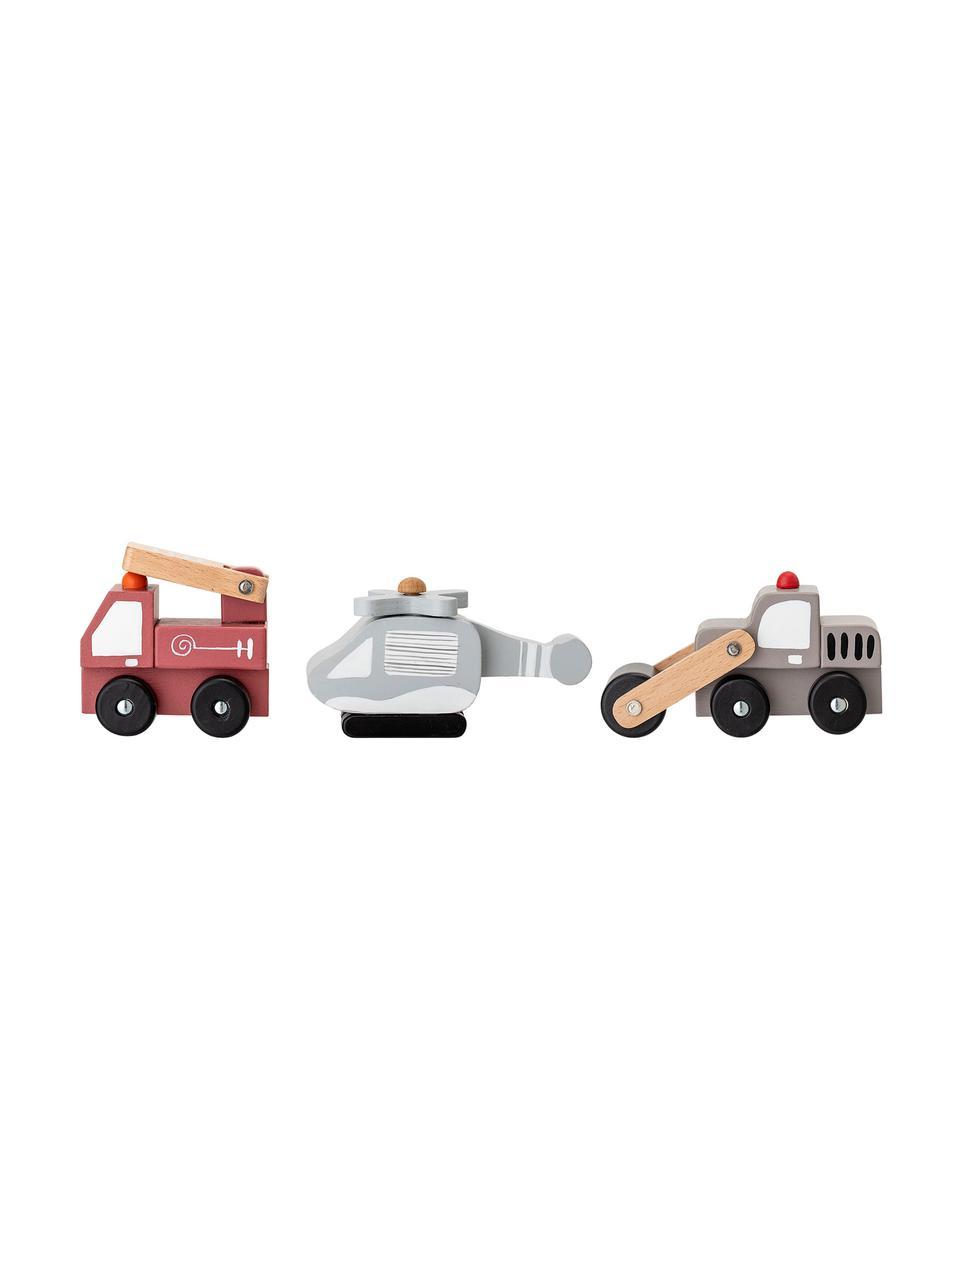 Spielzeugauto-Set Bruno, 3-tlg., Mitteldichte Holzfaserplatte (MDF), Schichtholz, Metall, Mehrfarbig, Sondergrößen